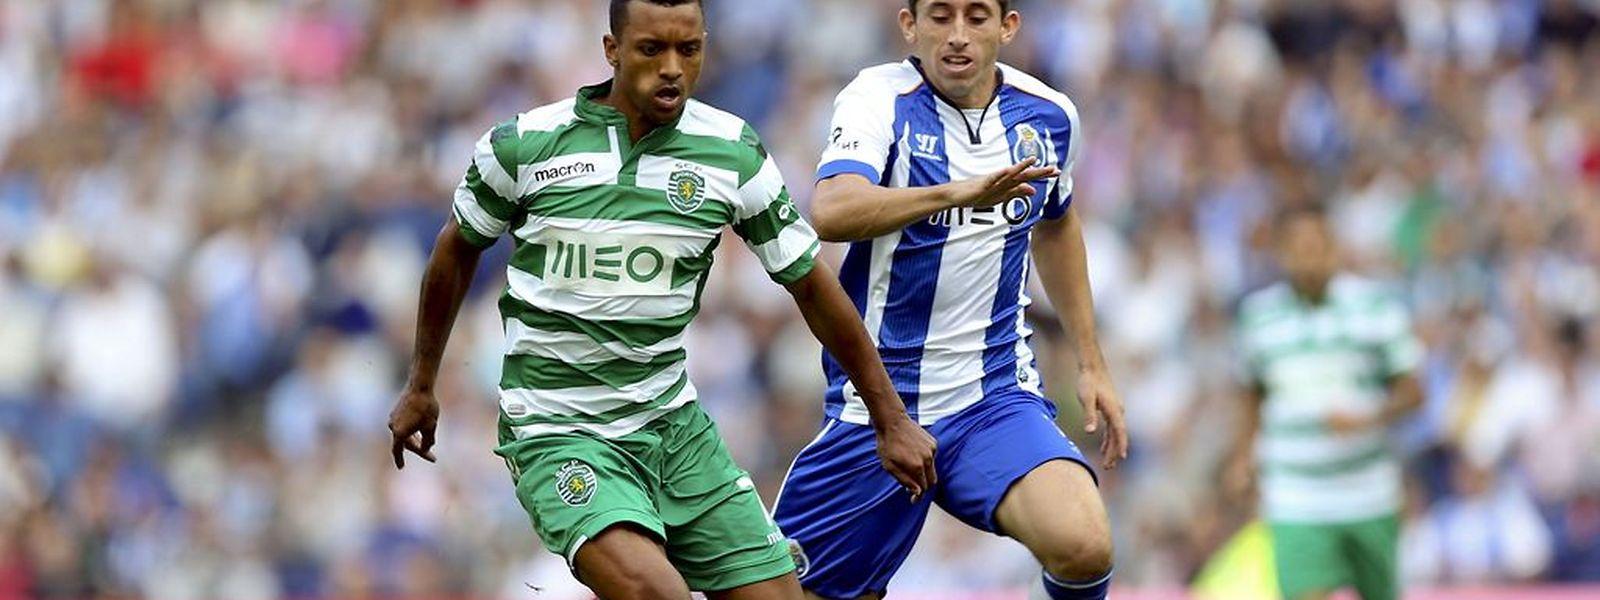 81183af65 Taça da Liga em futebol disputa-se hoje  Sporting e FCPorto definem  qualificação para as